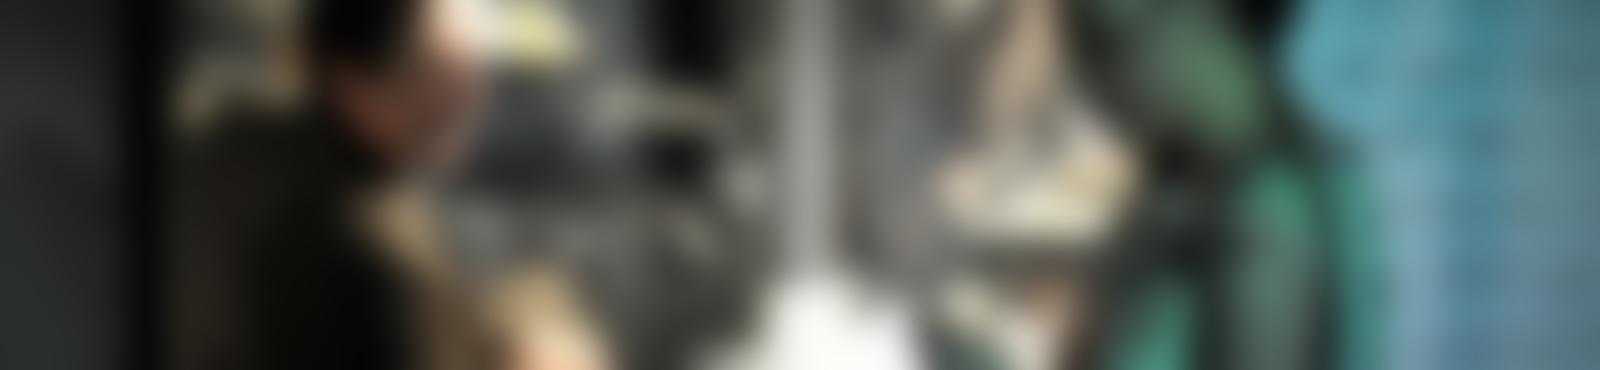 Blurred d657b6e6 426f 4d21 ae2c aa4ff2ab178c